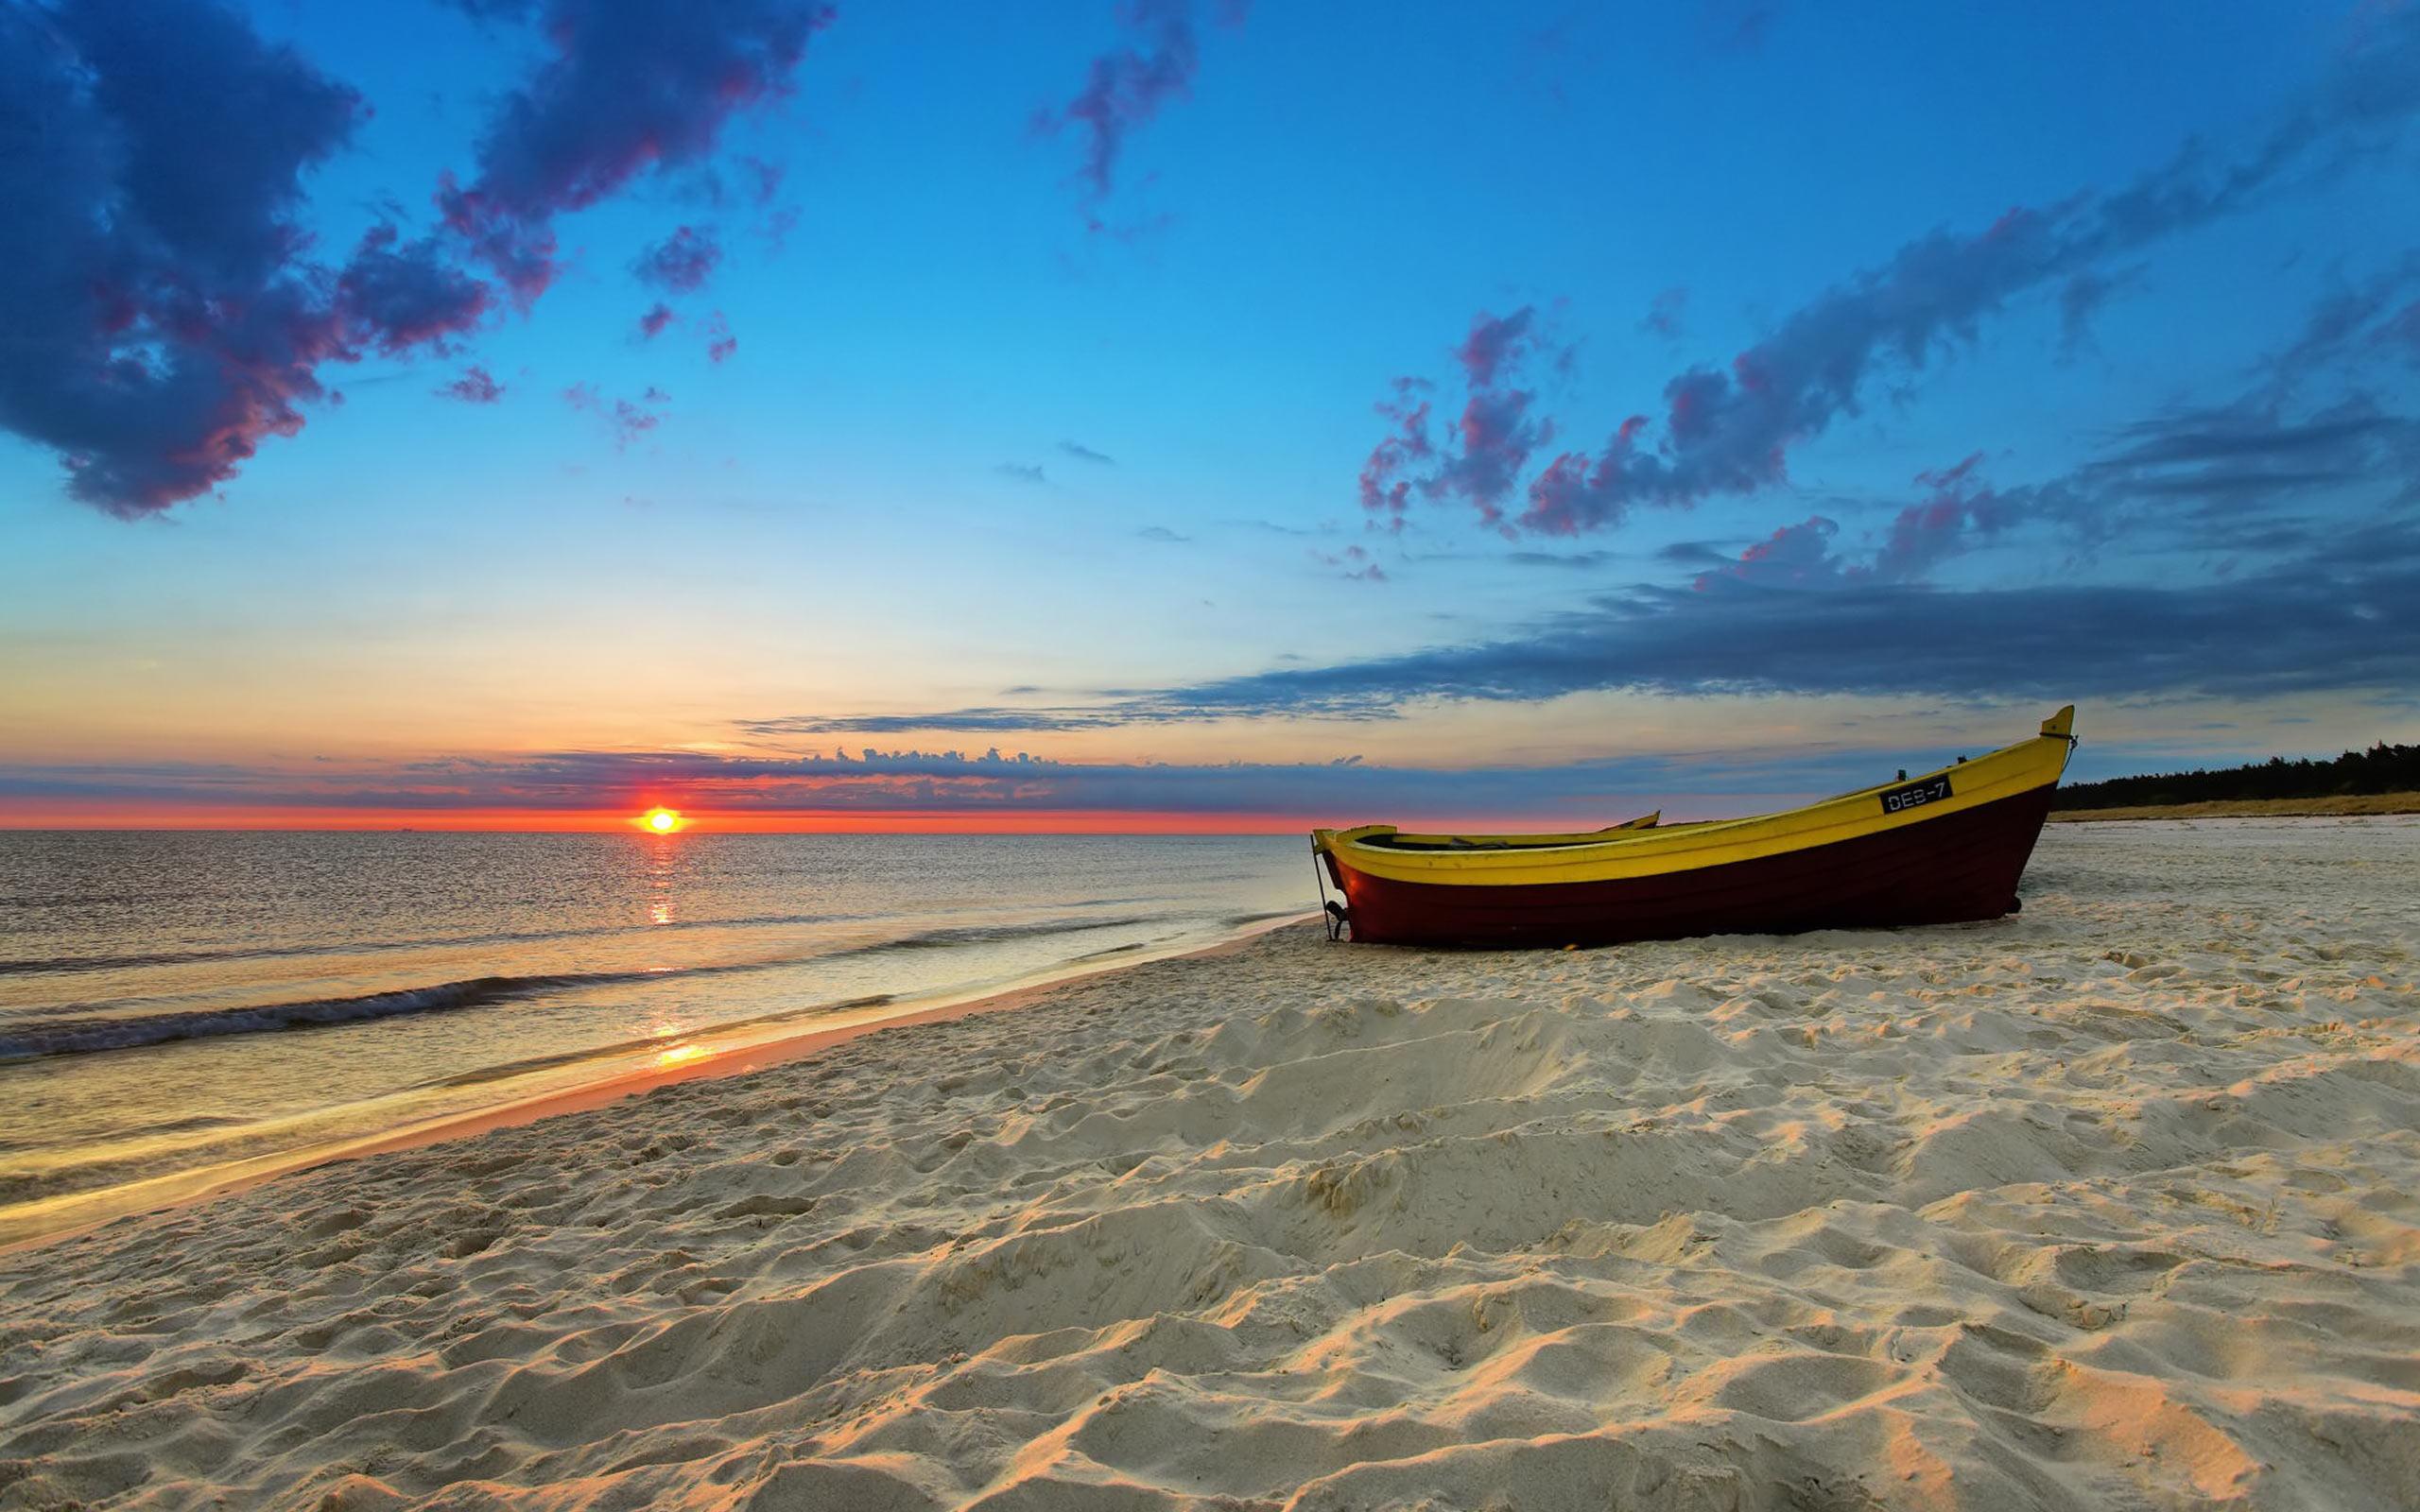 beautiful hd beach sunset wallpapers top desktop images widescreen ...